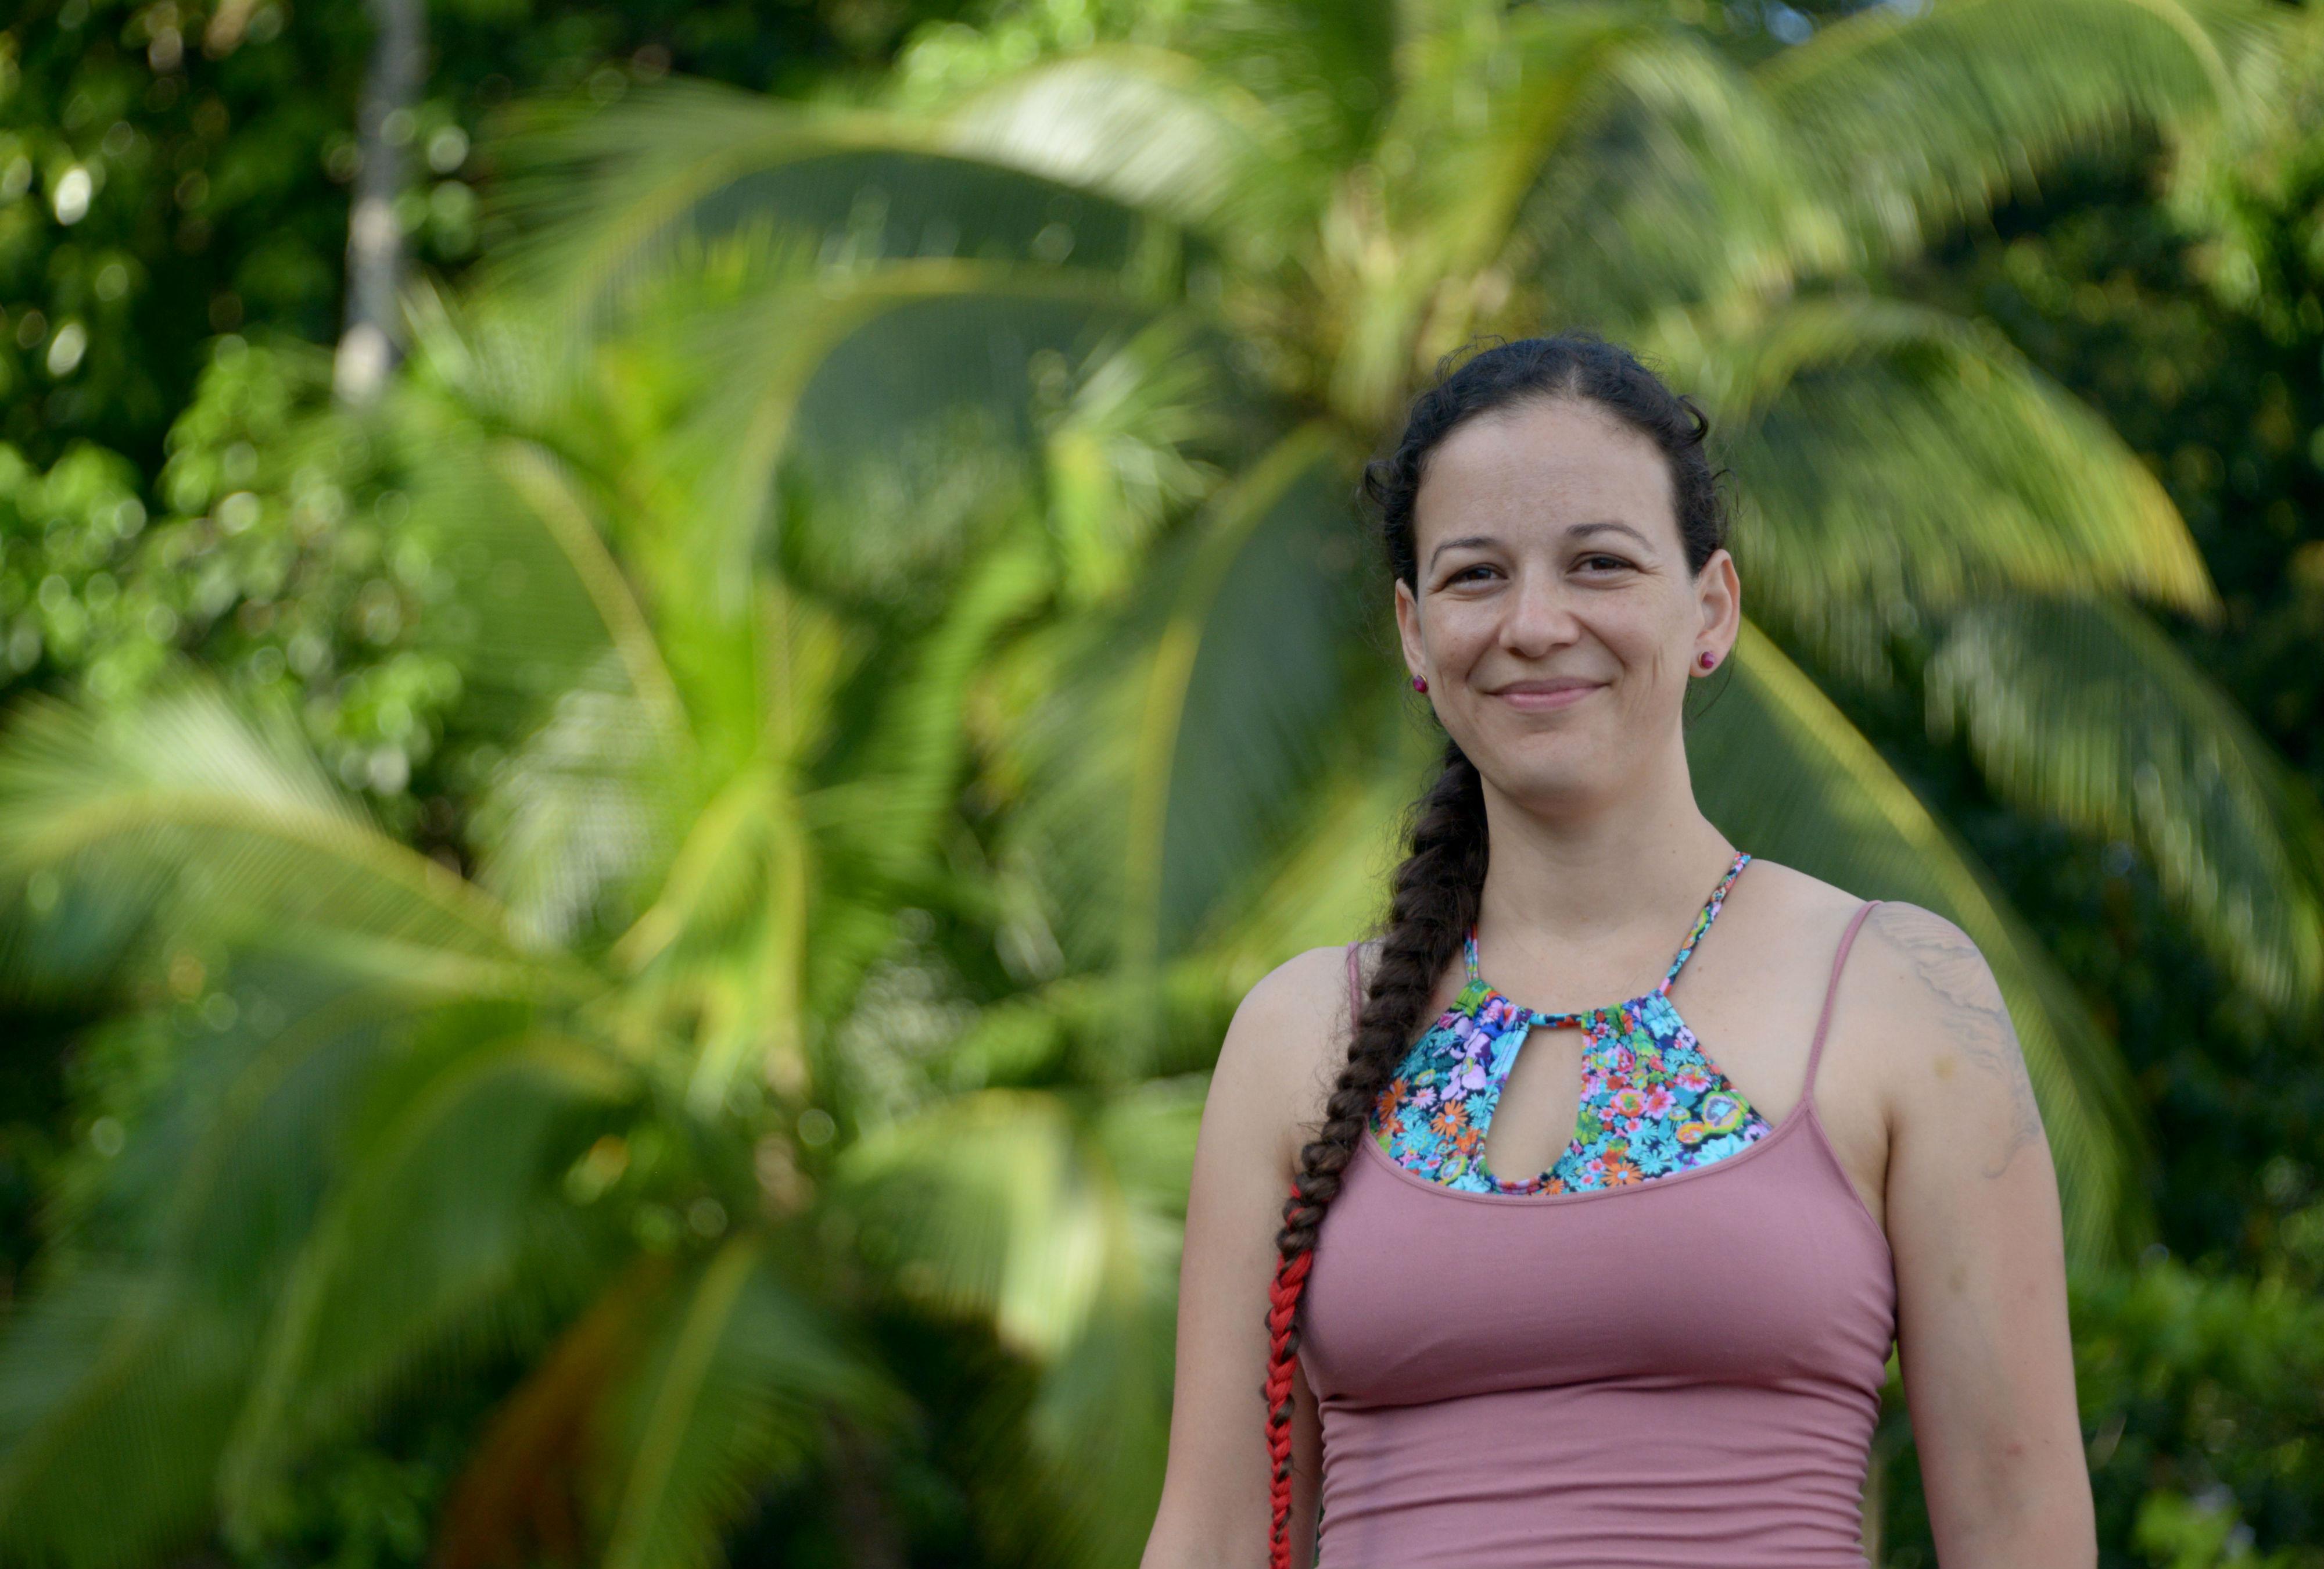 La coordinadora del TCU: Taller de Investigación sobre Salud Comunitaria de la Península de Osa, Milena Castro Mora.